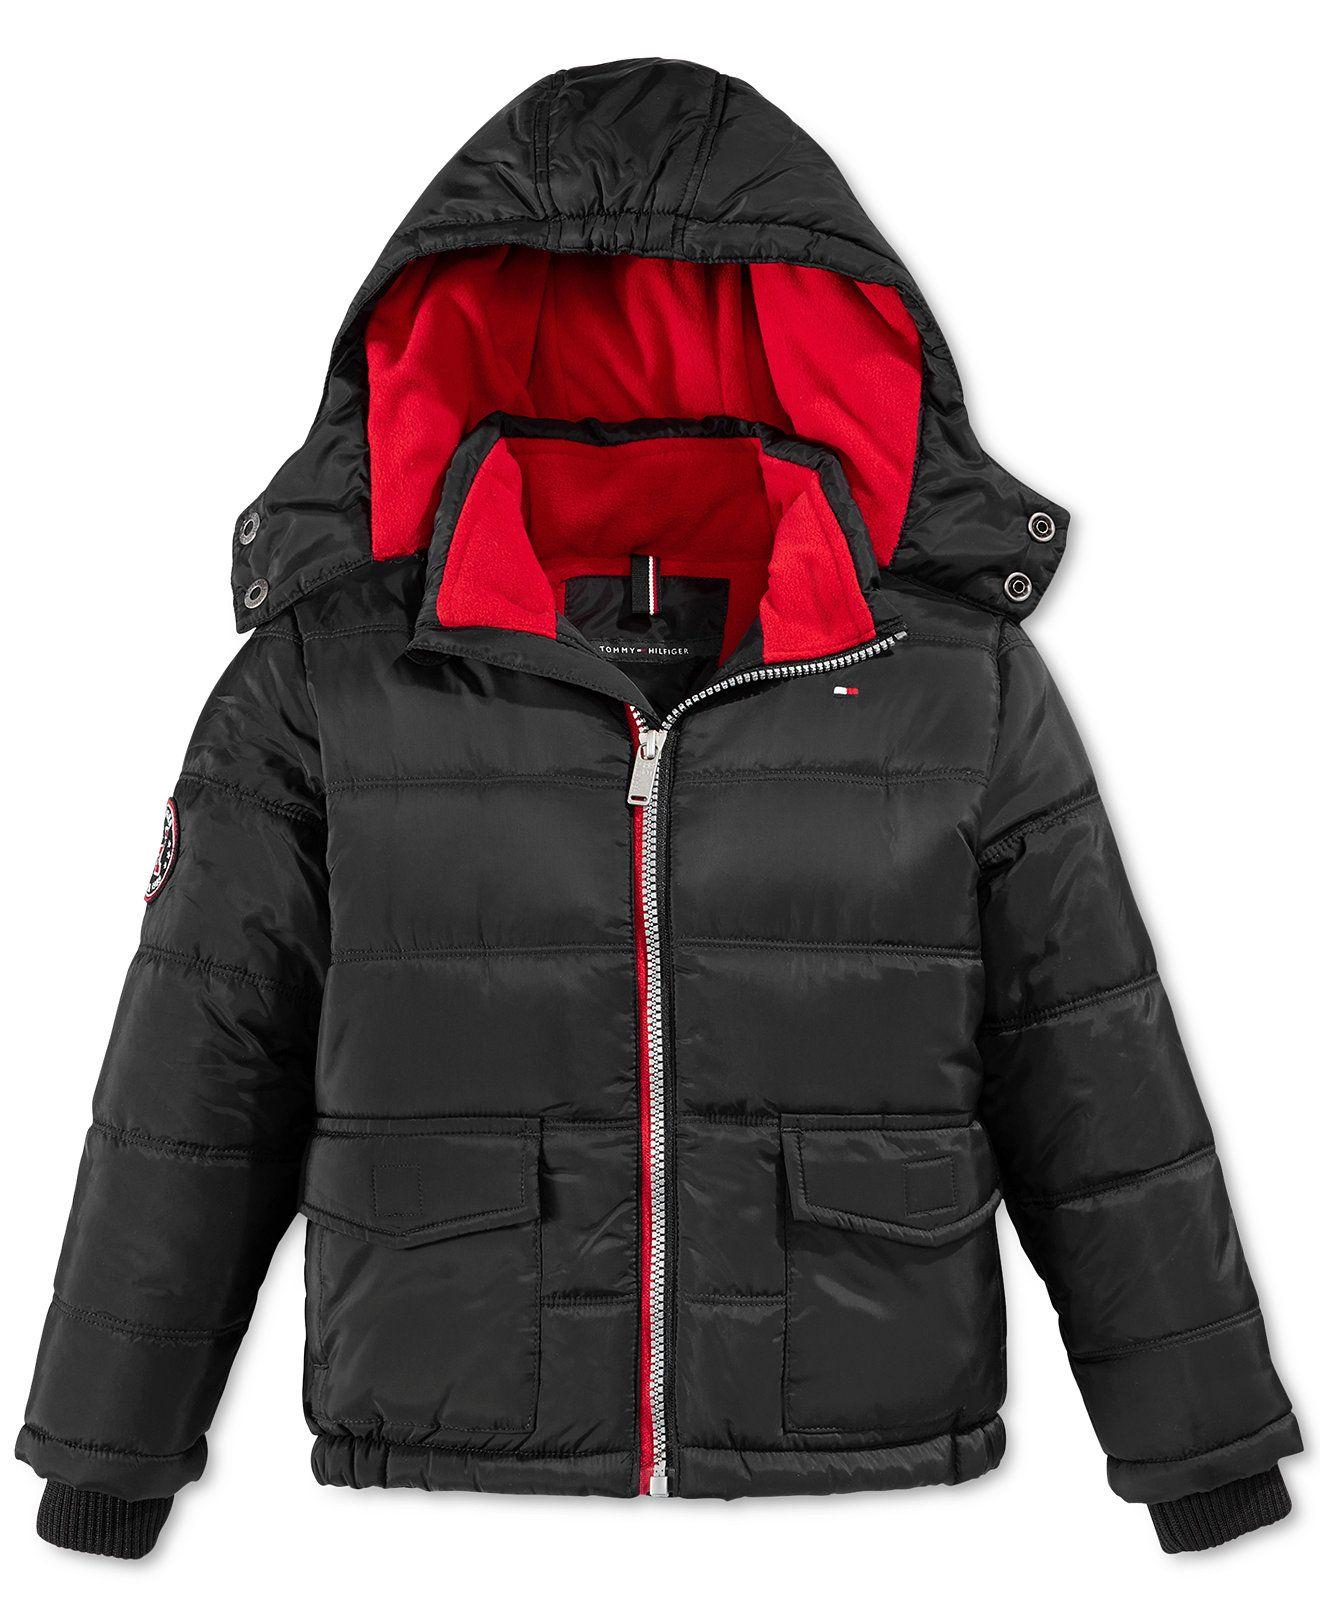 Tommy Hilfiger Little Boys Puffer Jacket Kids Baby Macy S Boys Puffer Jacket Puffer Jackets Jackets [ 1616 x 1320 Pixel ]